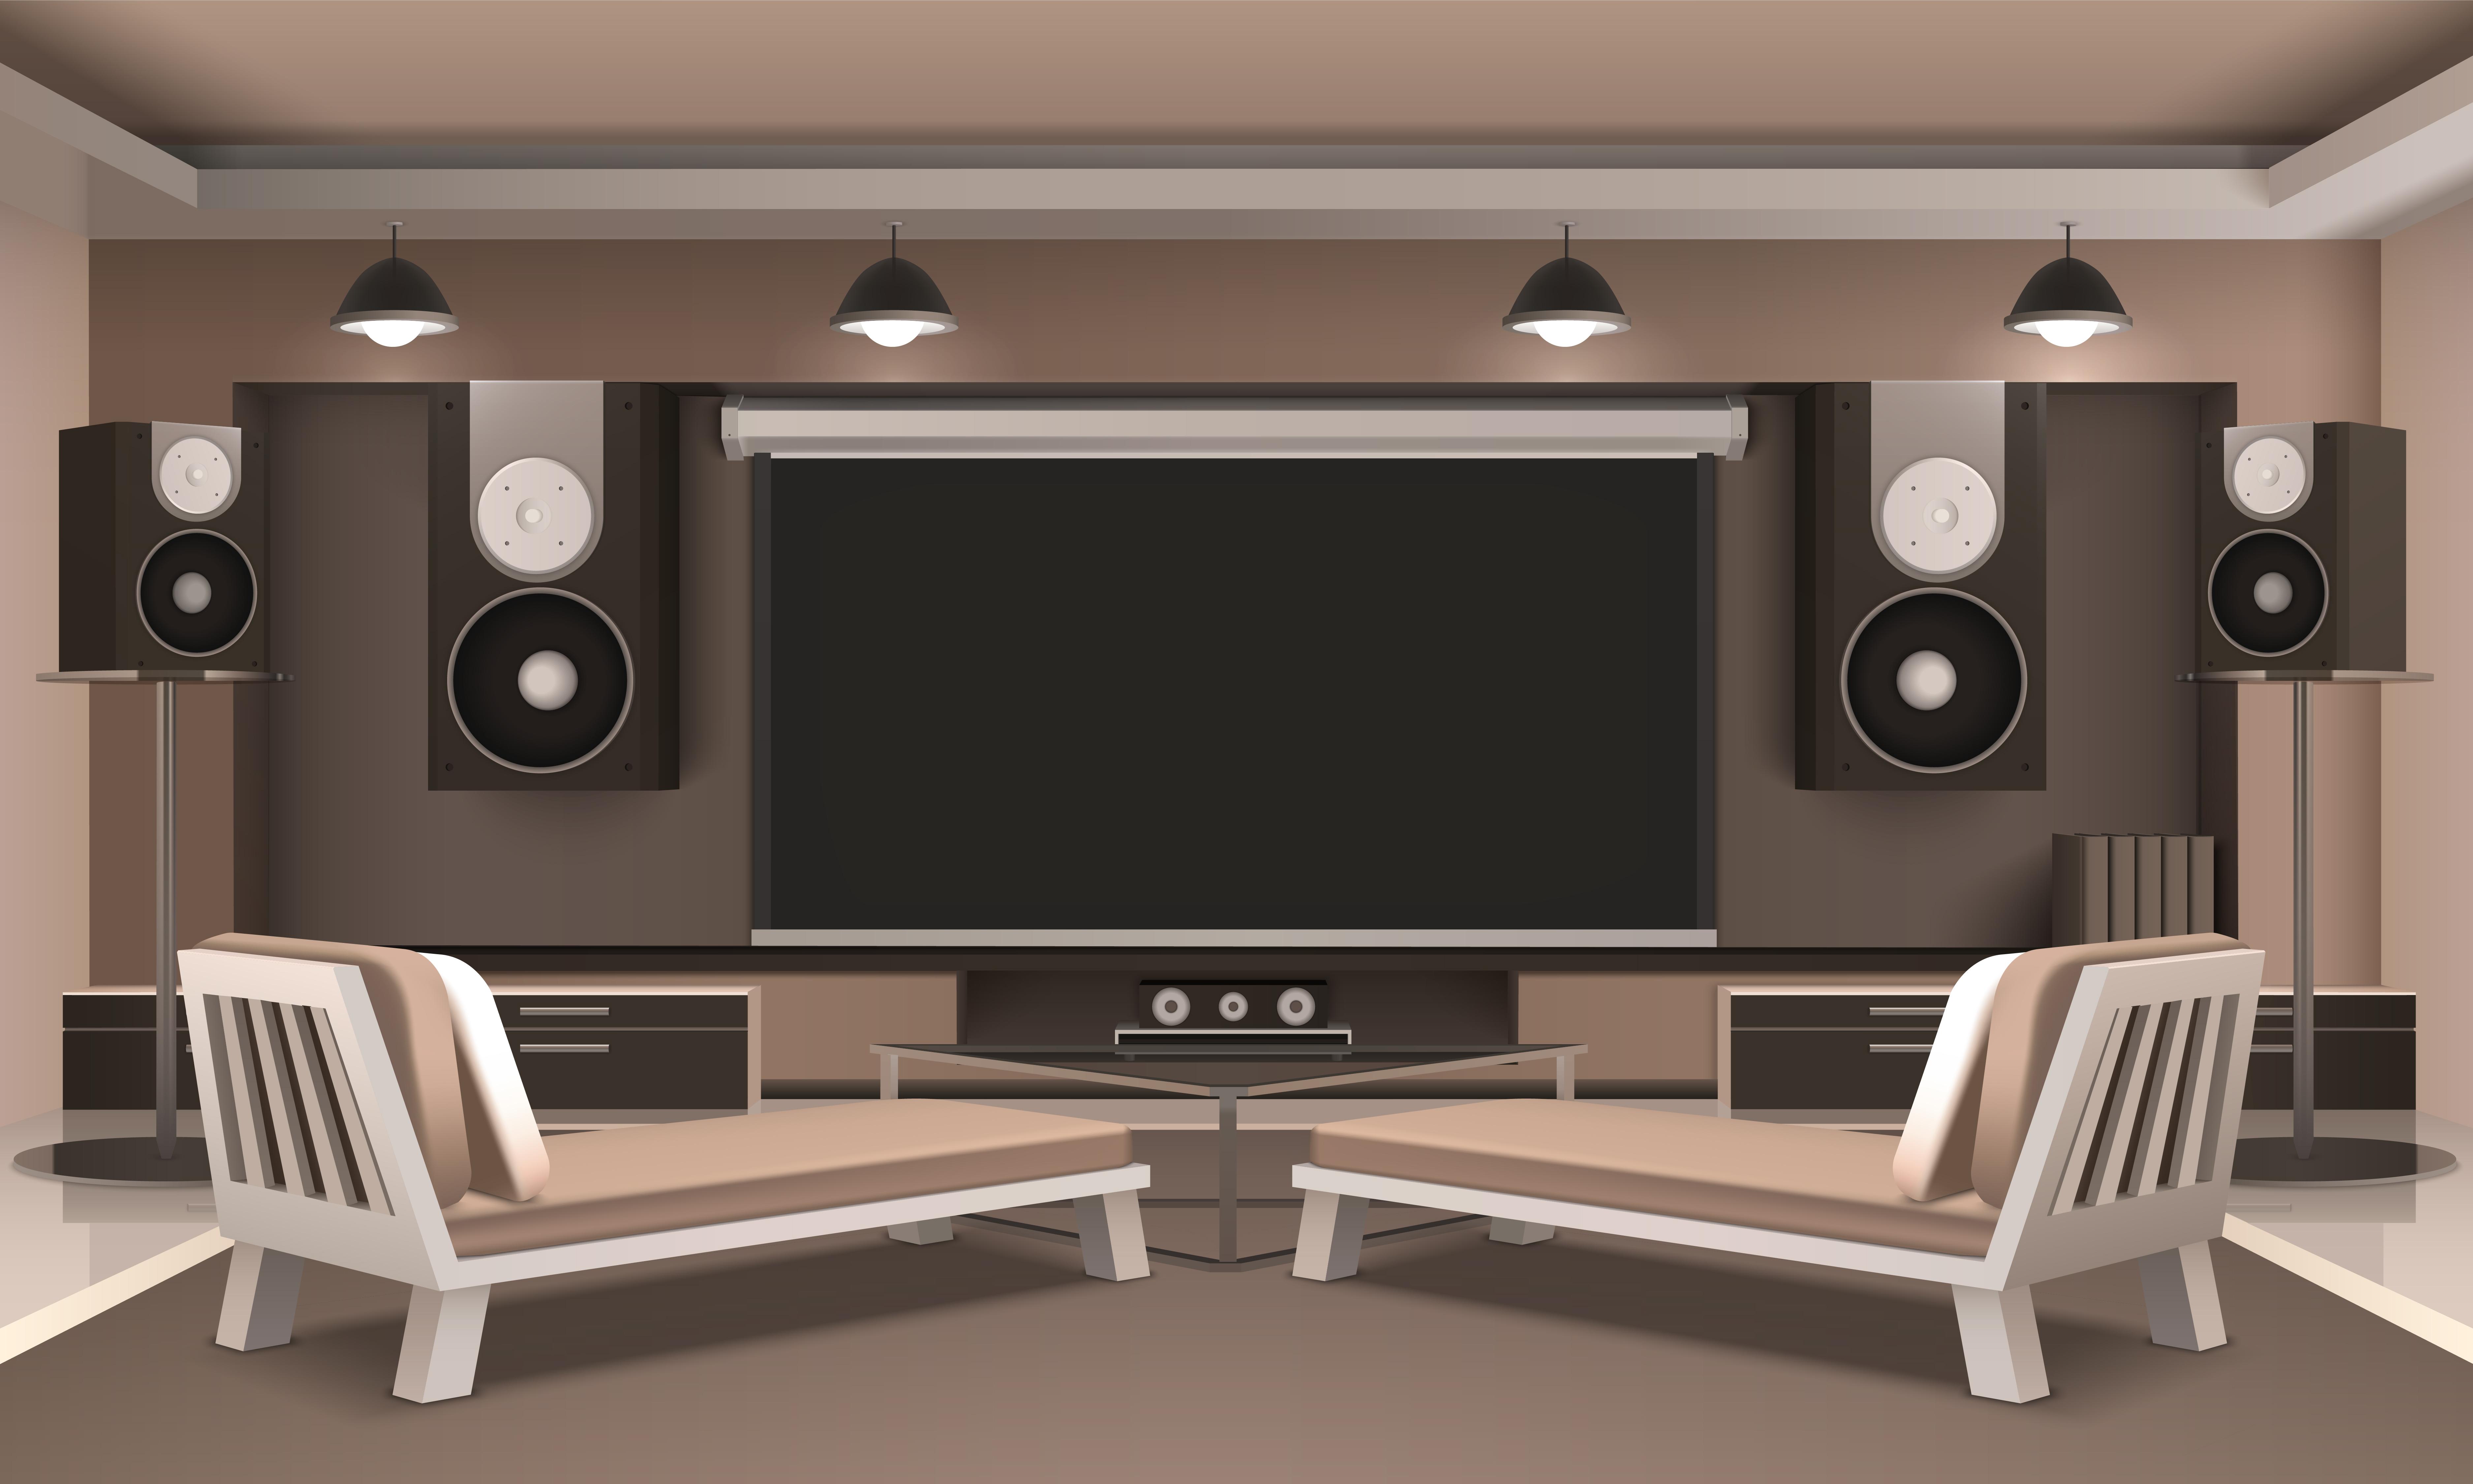 เลือกทีวีใหม่ ดิจิตอล กับ สมาร์ทีวี แบบไหนราคาประหยัด คุณภาพปังกว่า!?